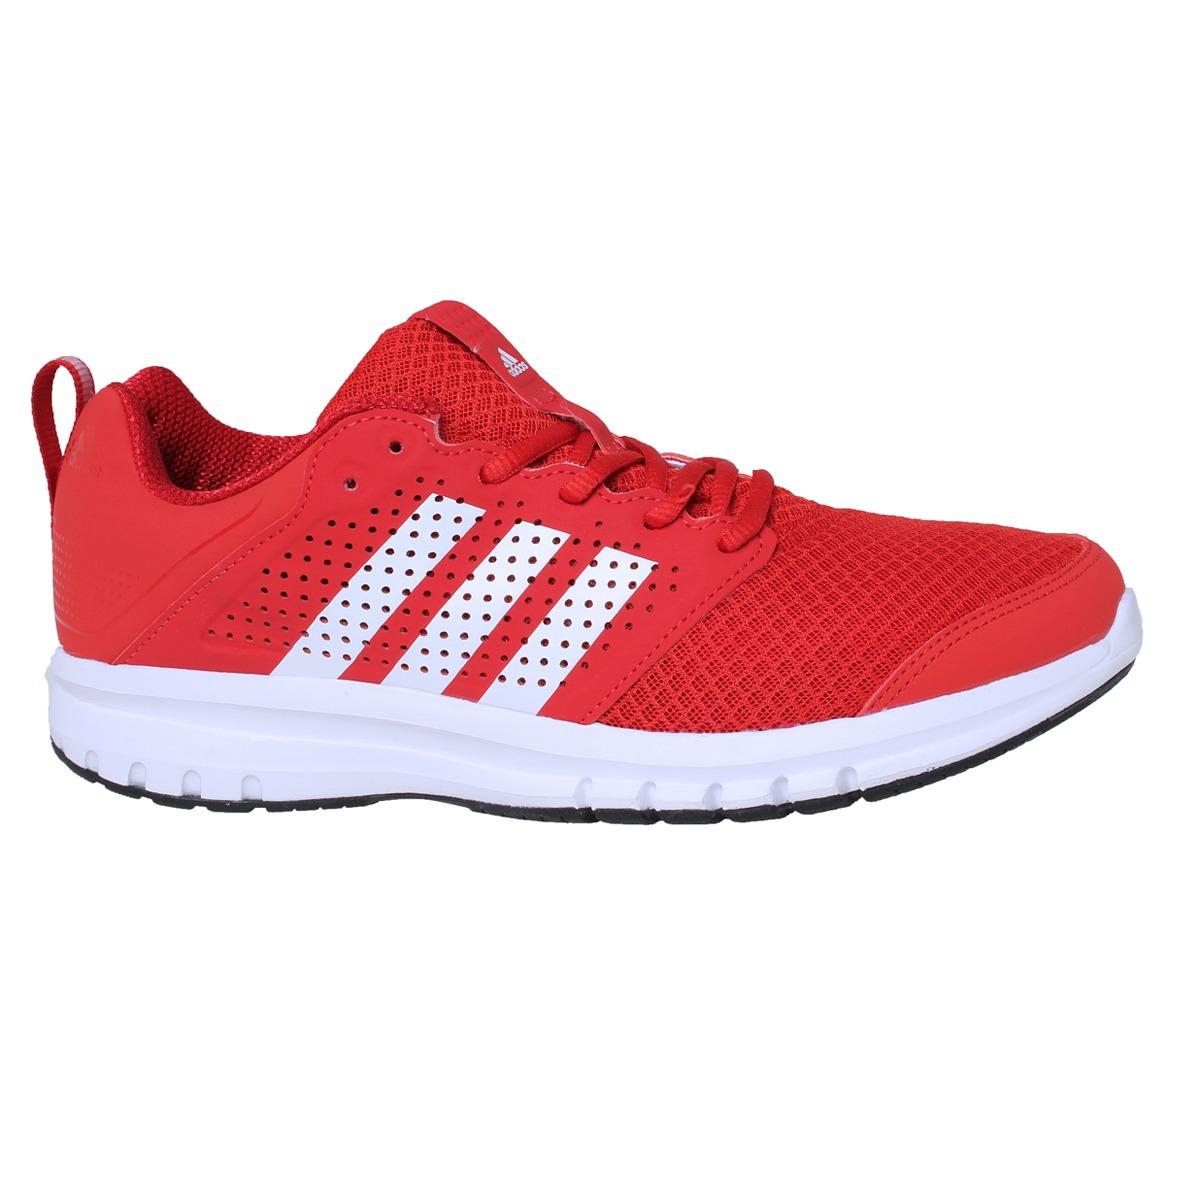 mejores ofertas en nuevo barato productos de calidad Zapatillas adidas Running Madoru 11 M Hombre Rj/bl